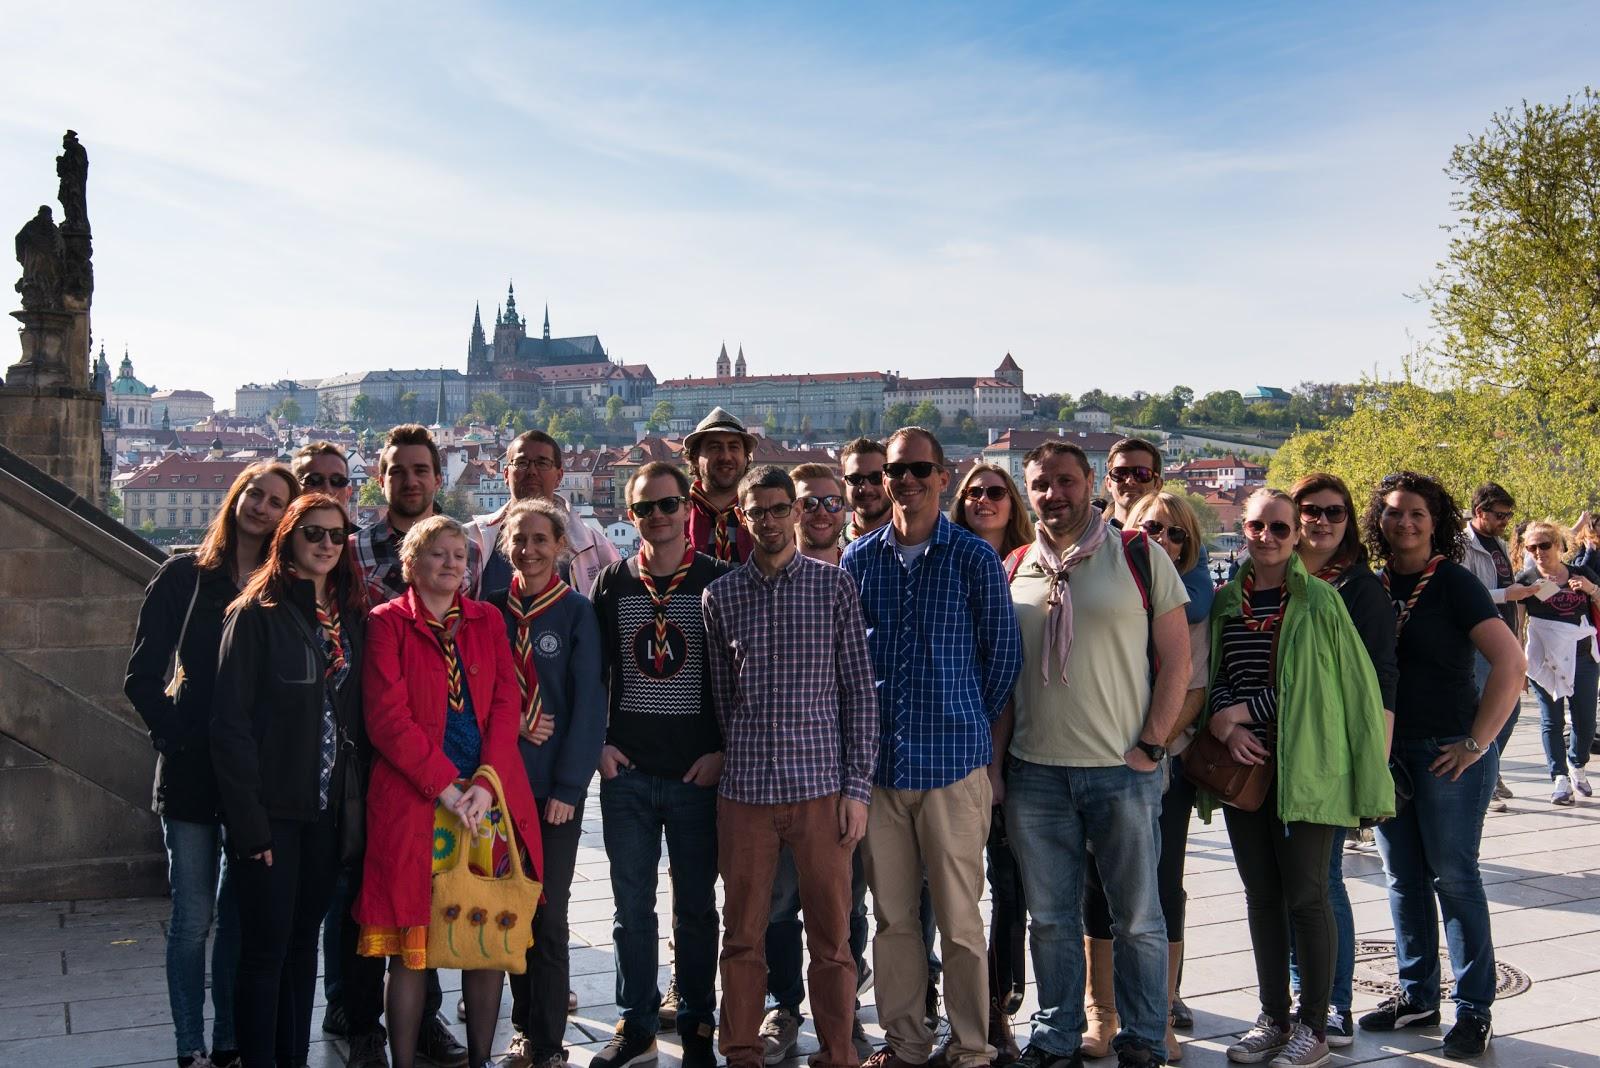 Leiter-/Elternratswochenende 2016 in Prag - Bildergalerie